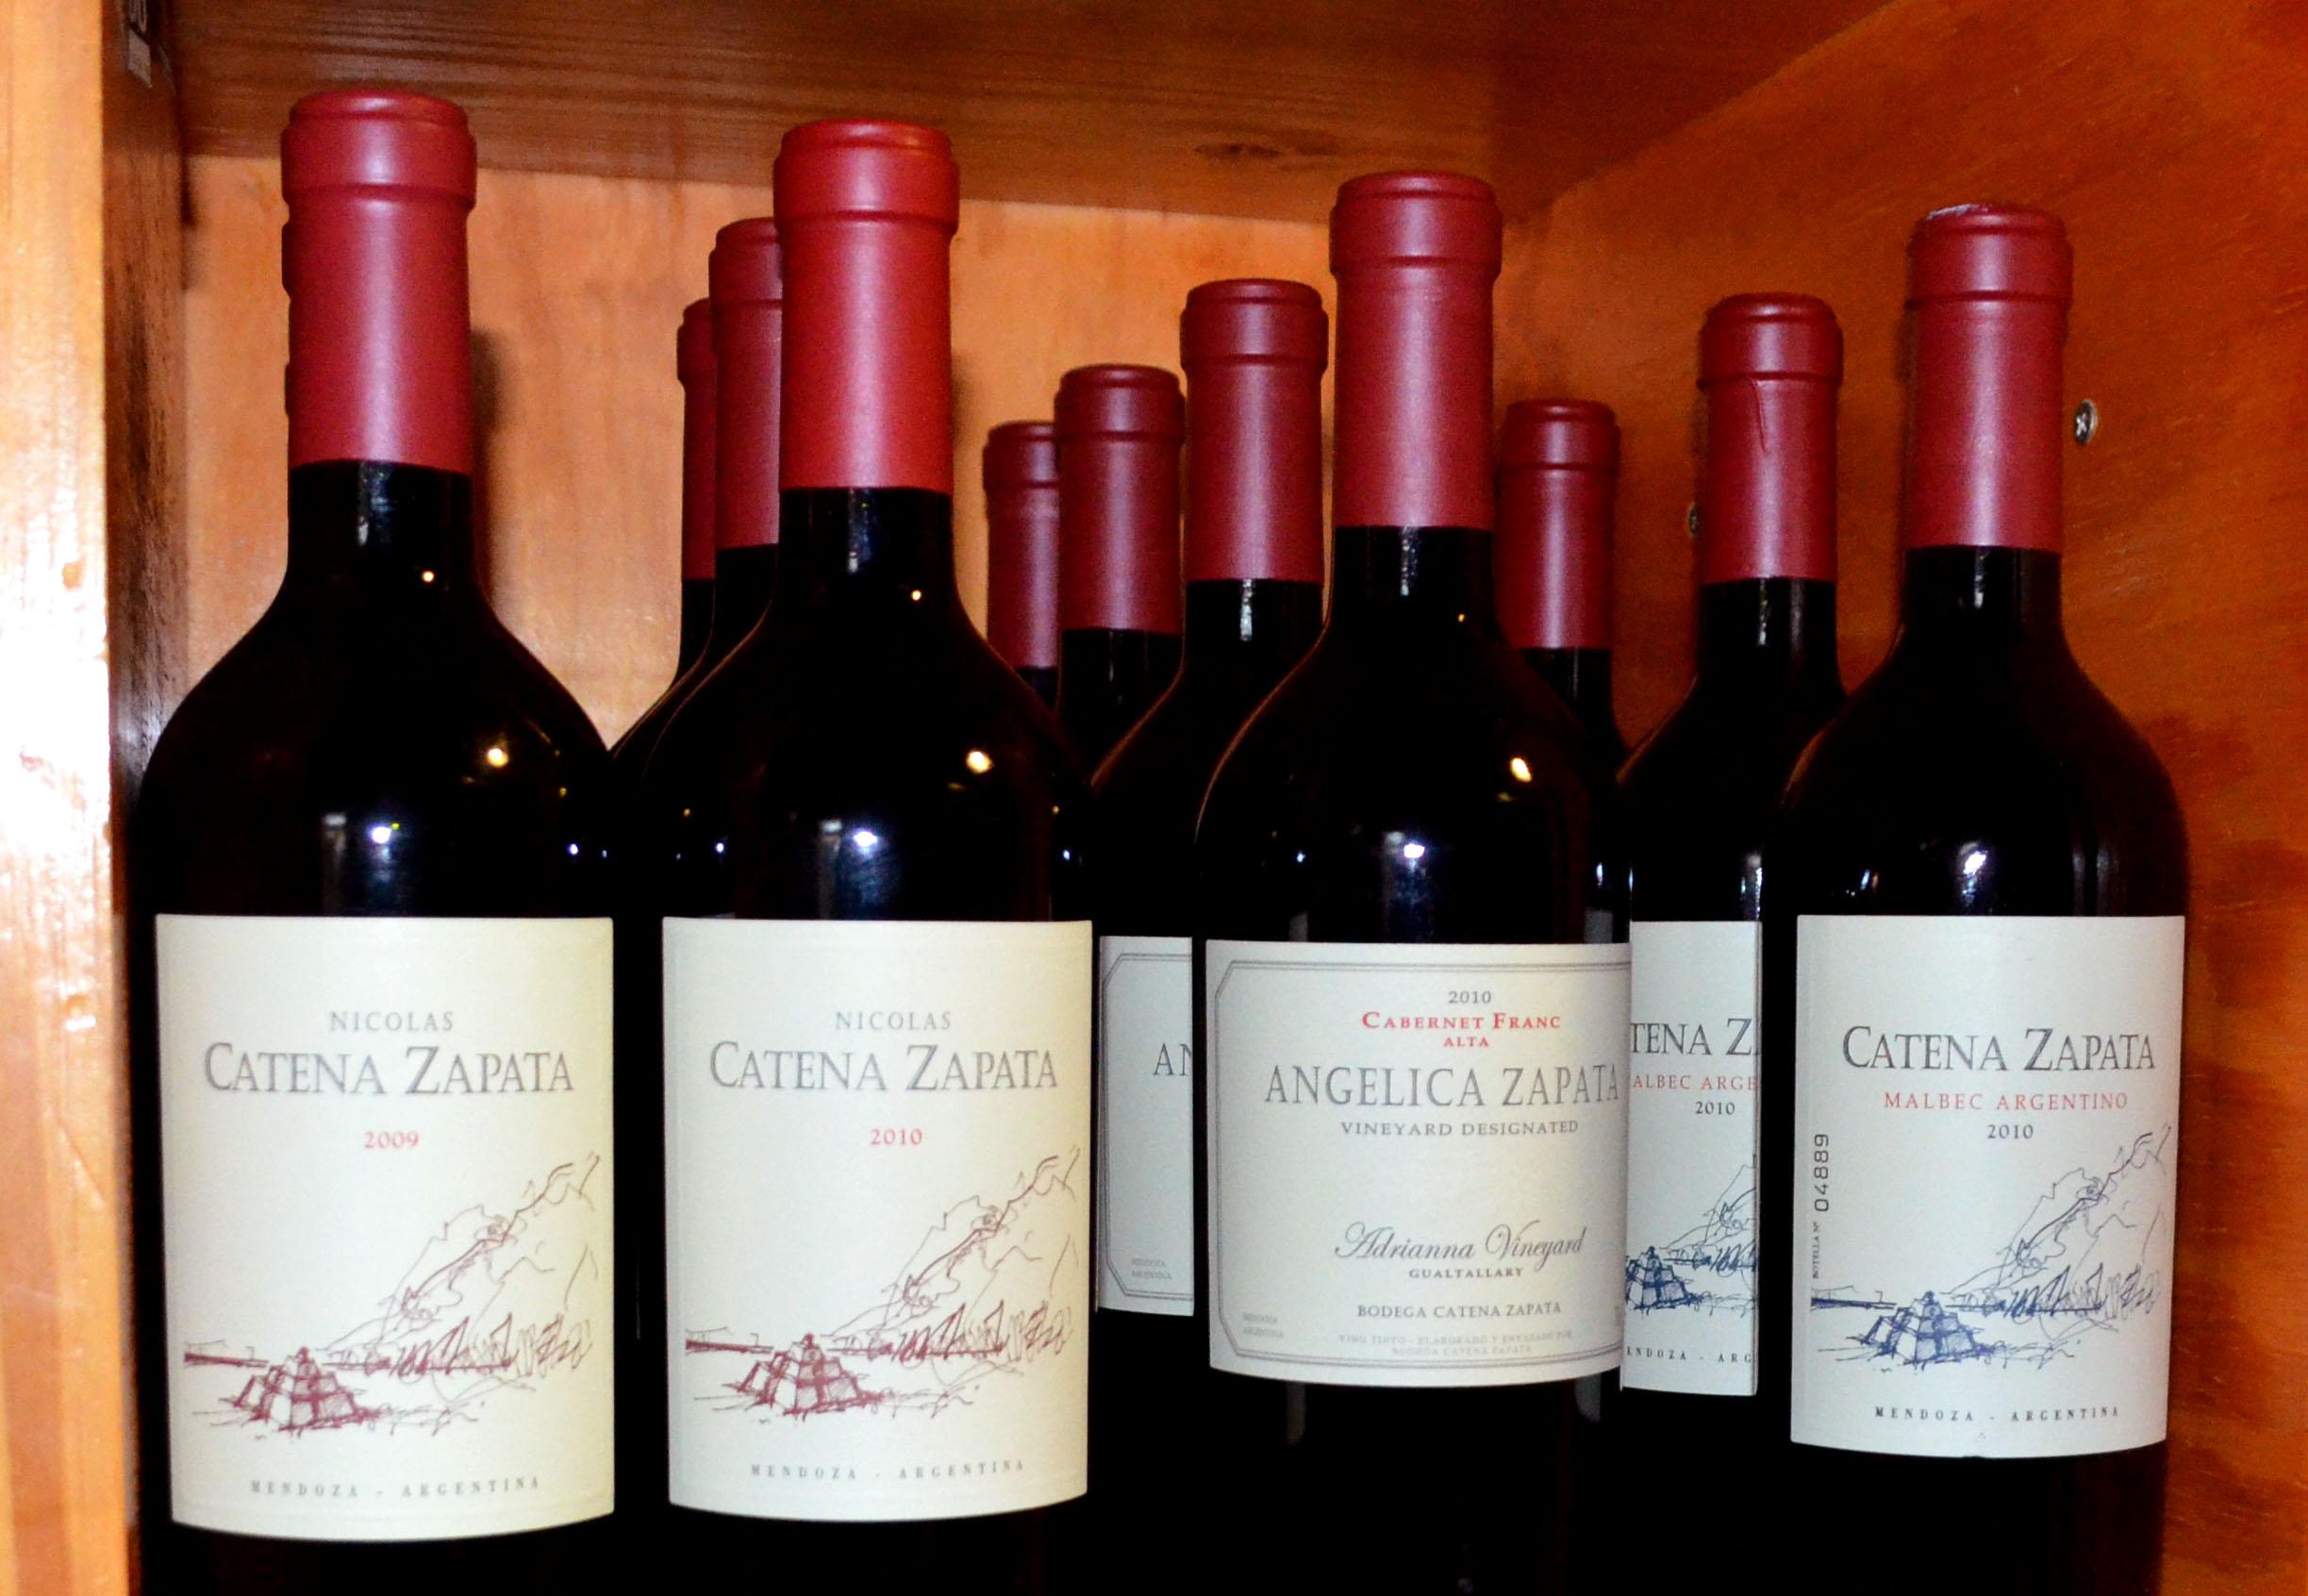 Feira reúne as melhores bodegas de vinhos da Argentina